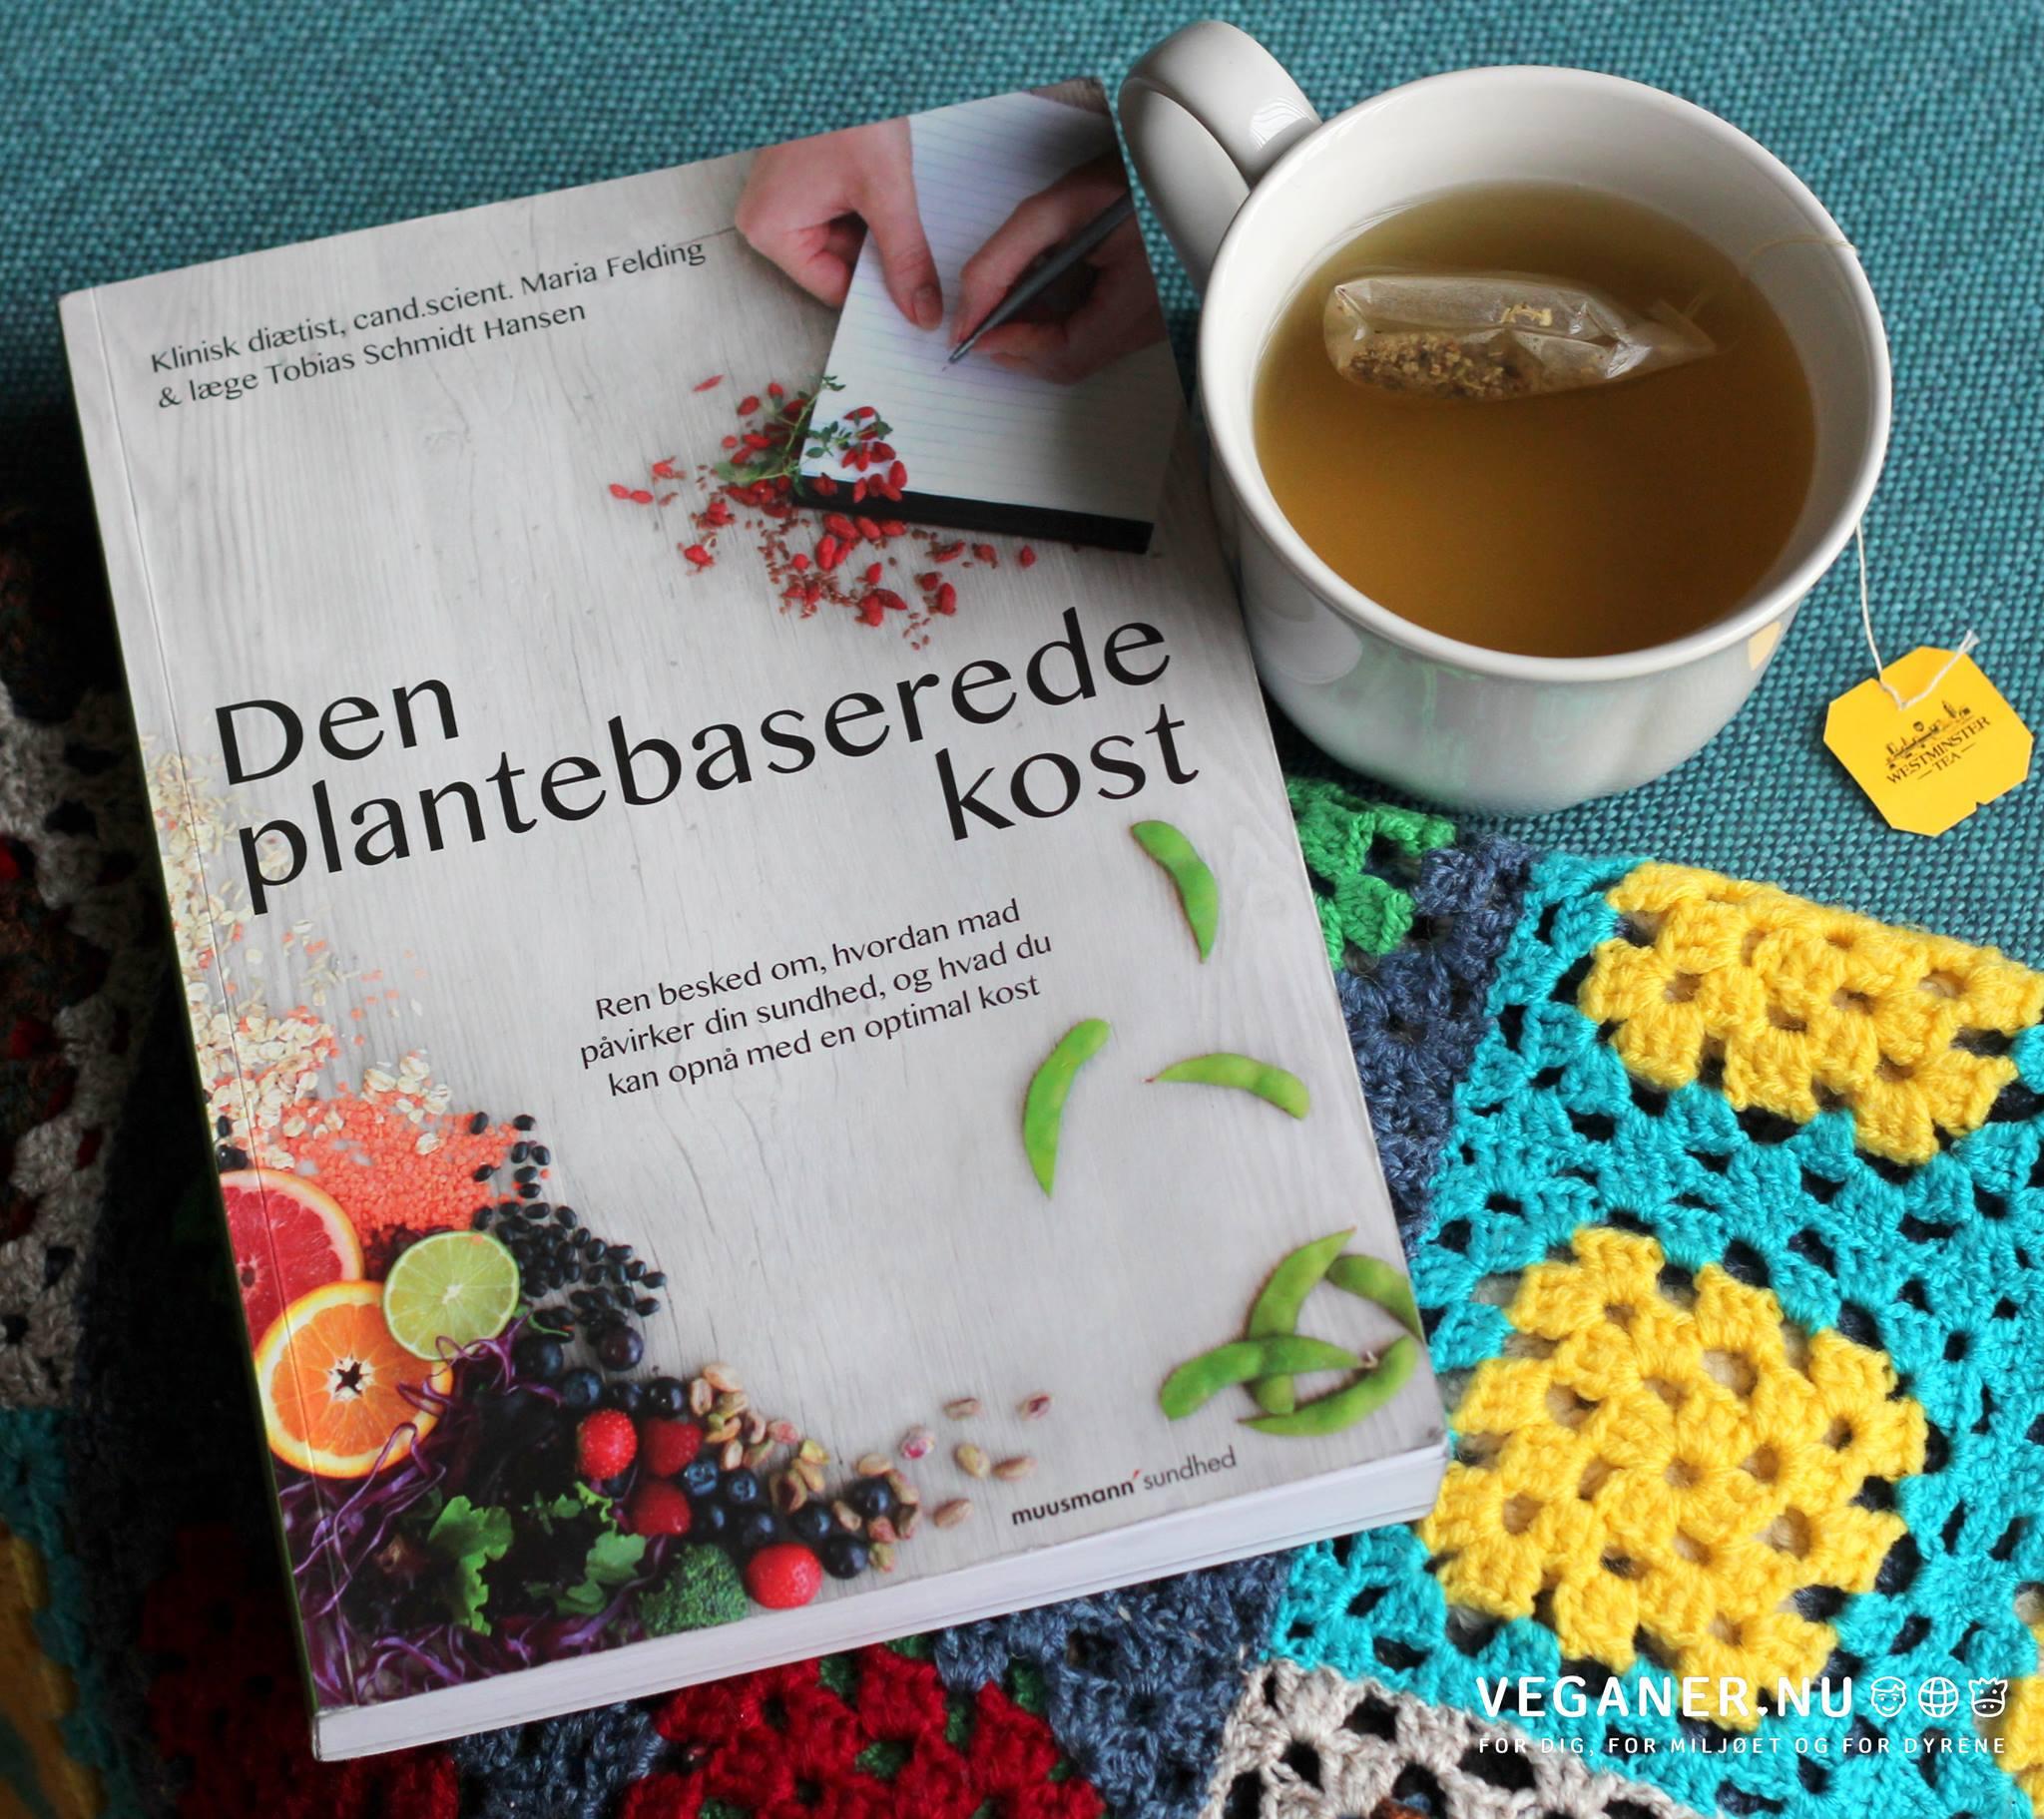 Veganer.nu-den plantebaserede kost